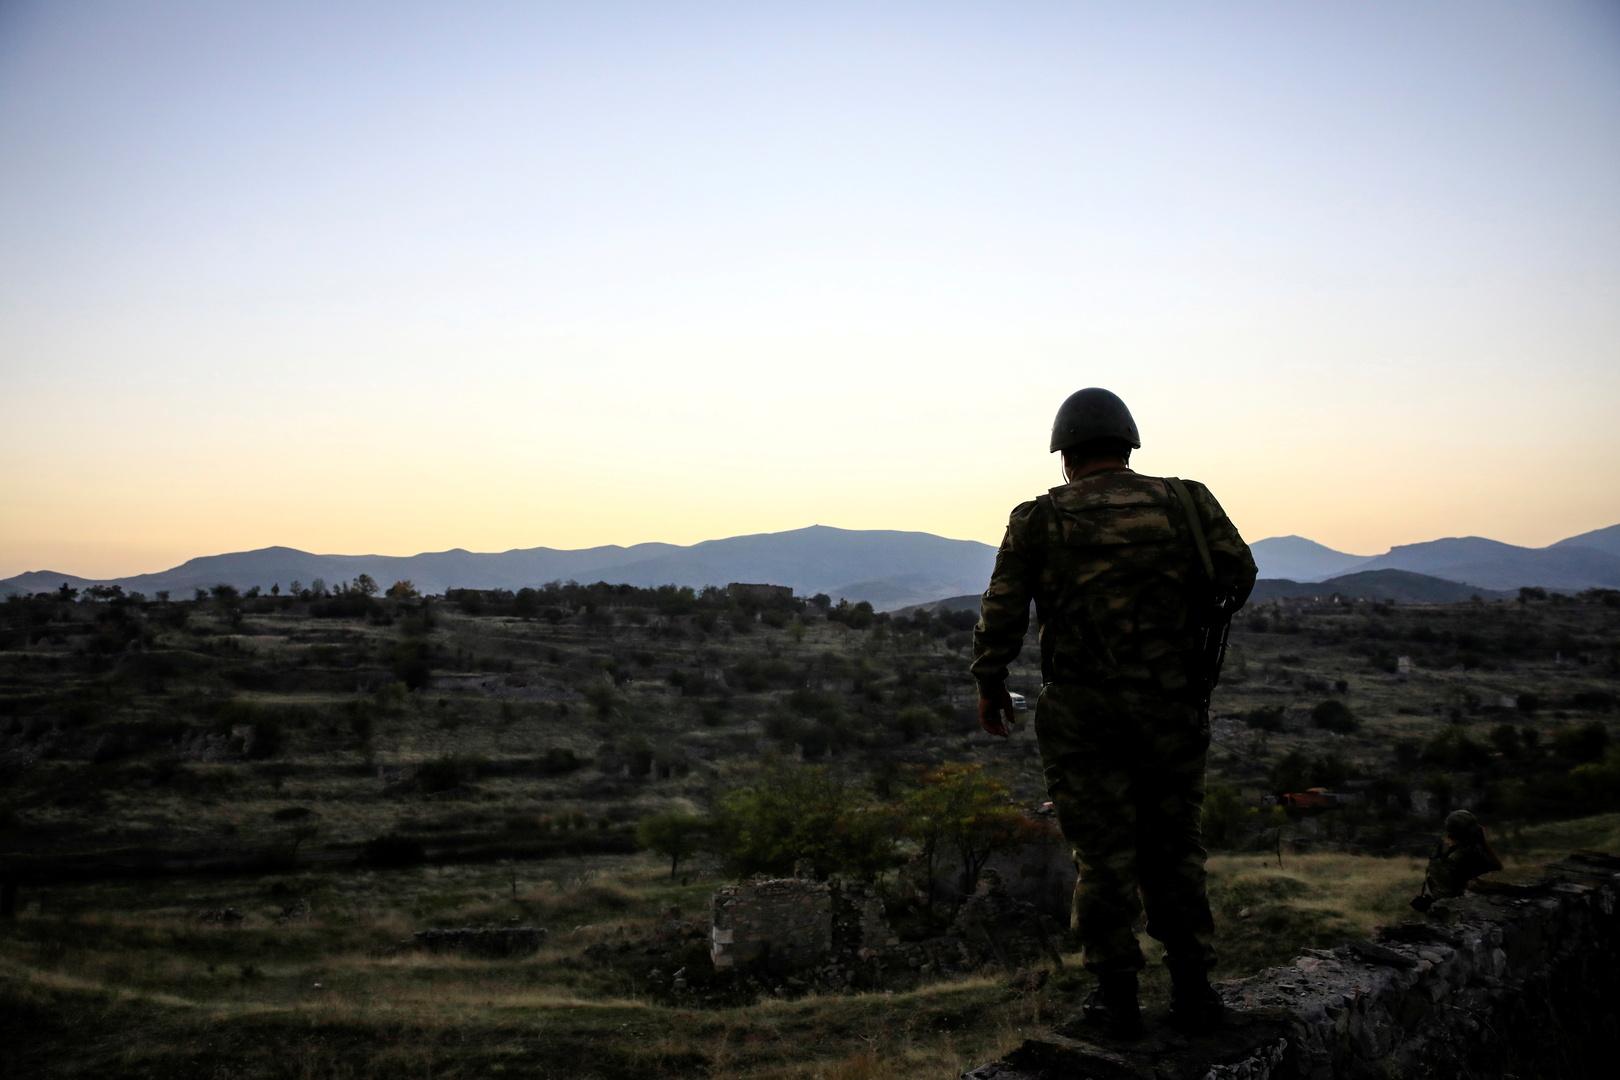 تقرير: أكثر من 230 قتيلا في صفوف المسلحين المرتزقة منذ بداية الحرب في قره باغ